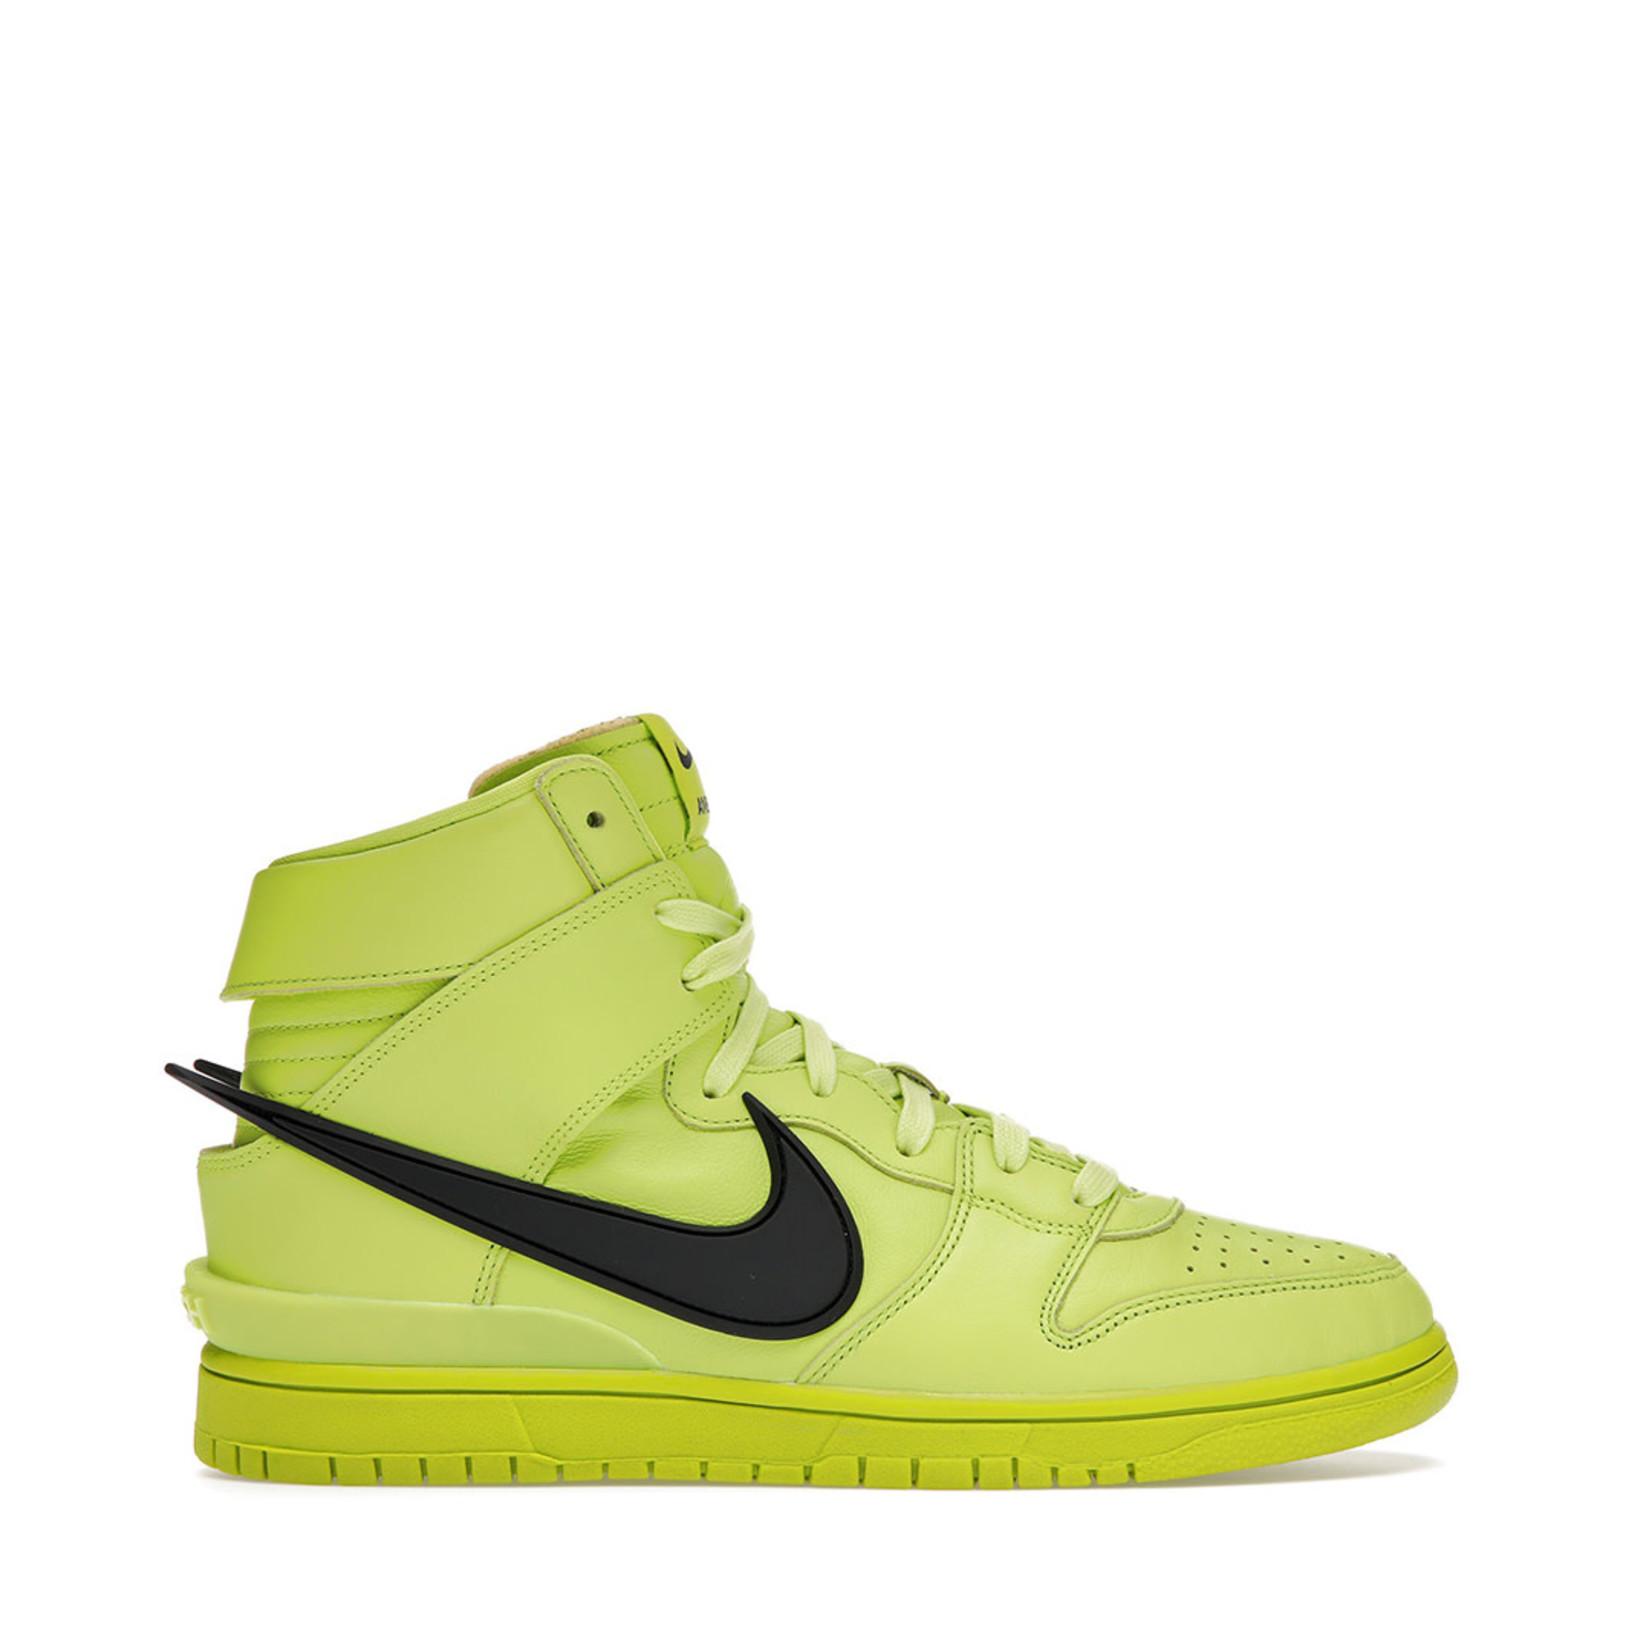 Nike Nike Dunk High Ambush Flash Lime